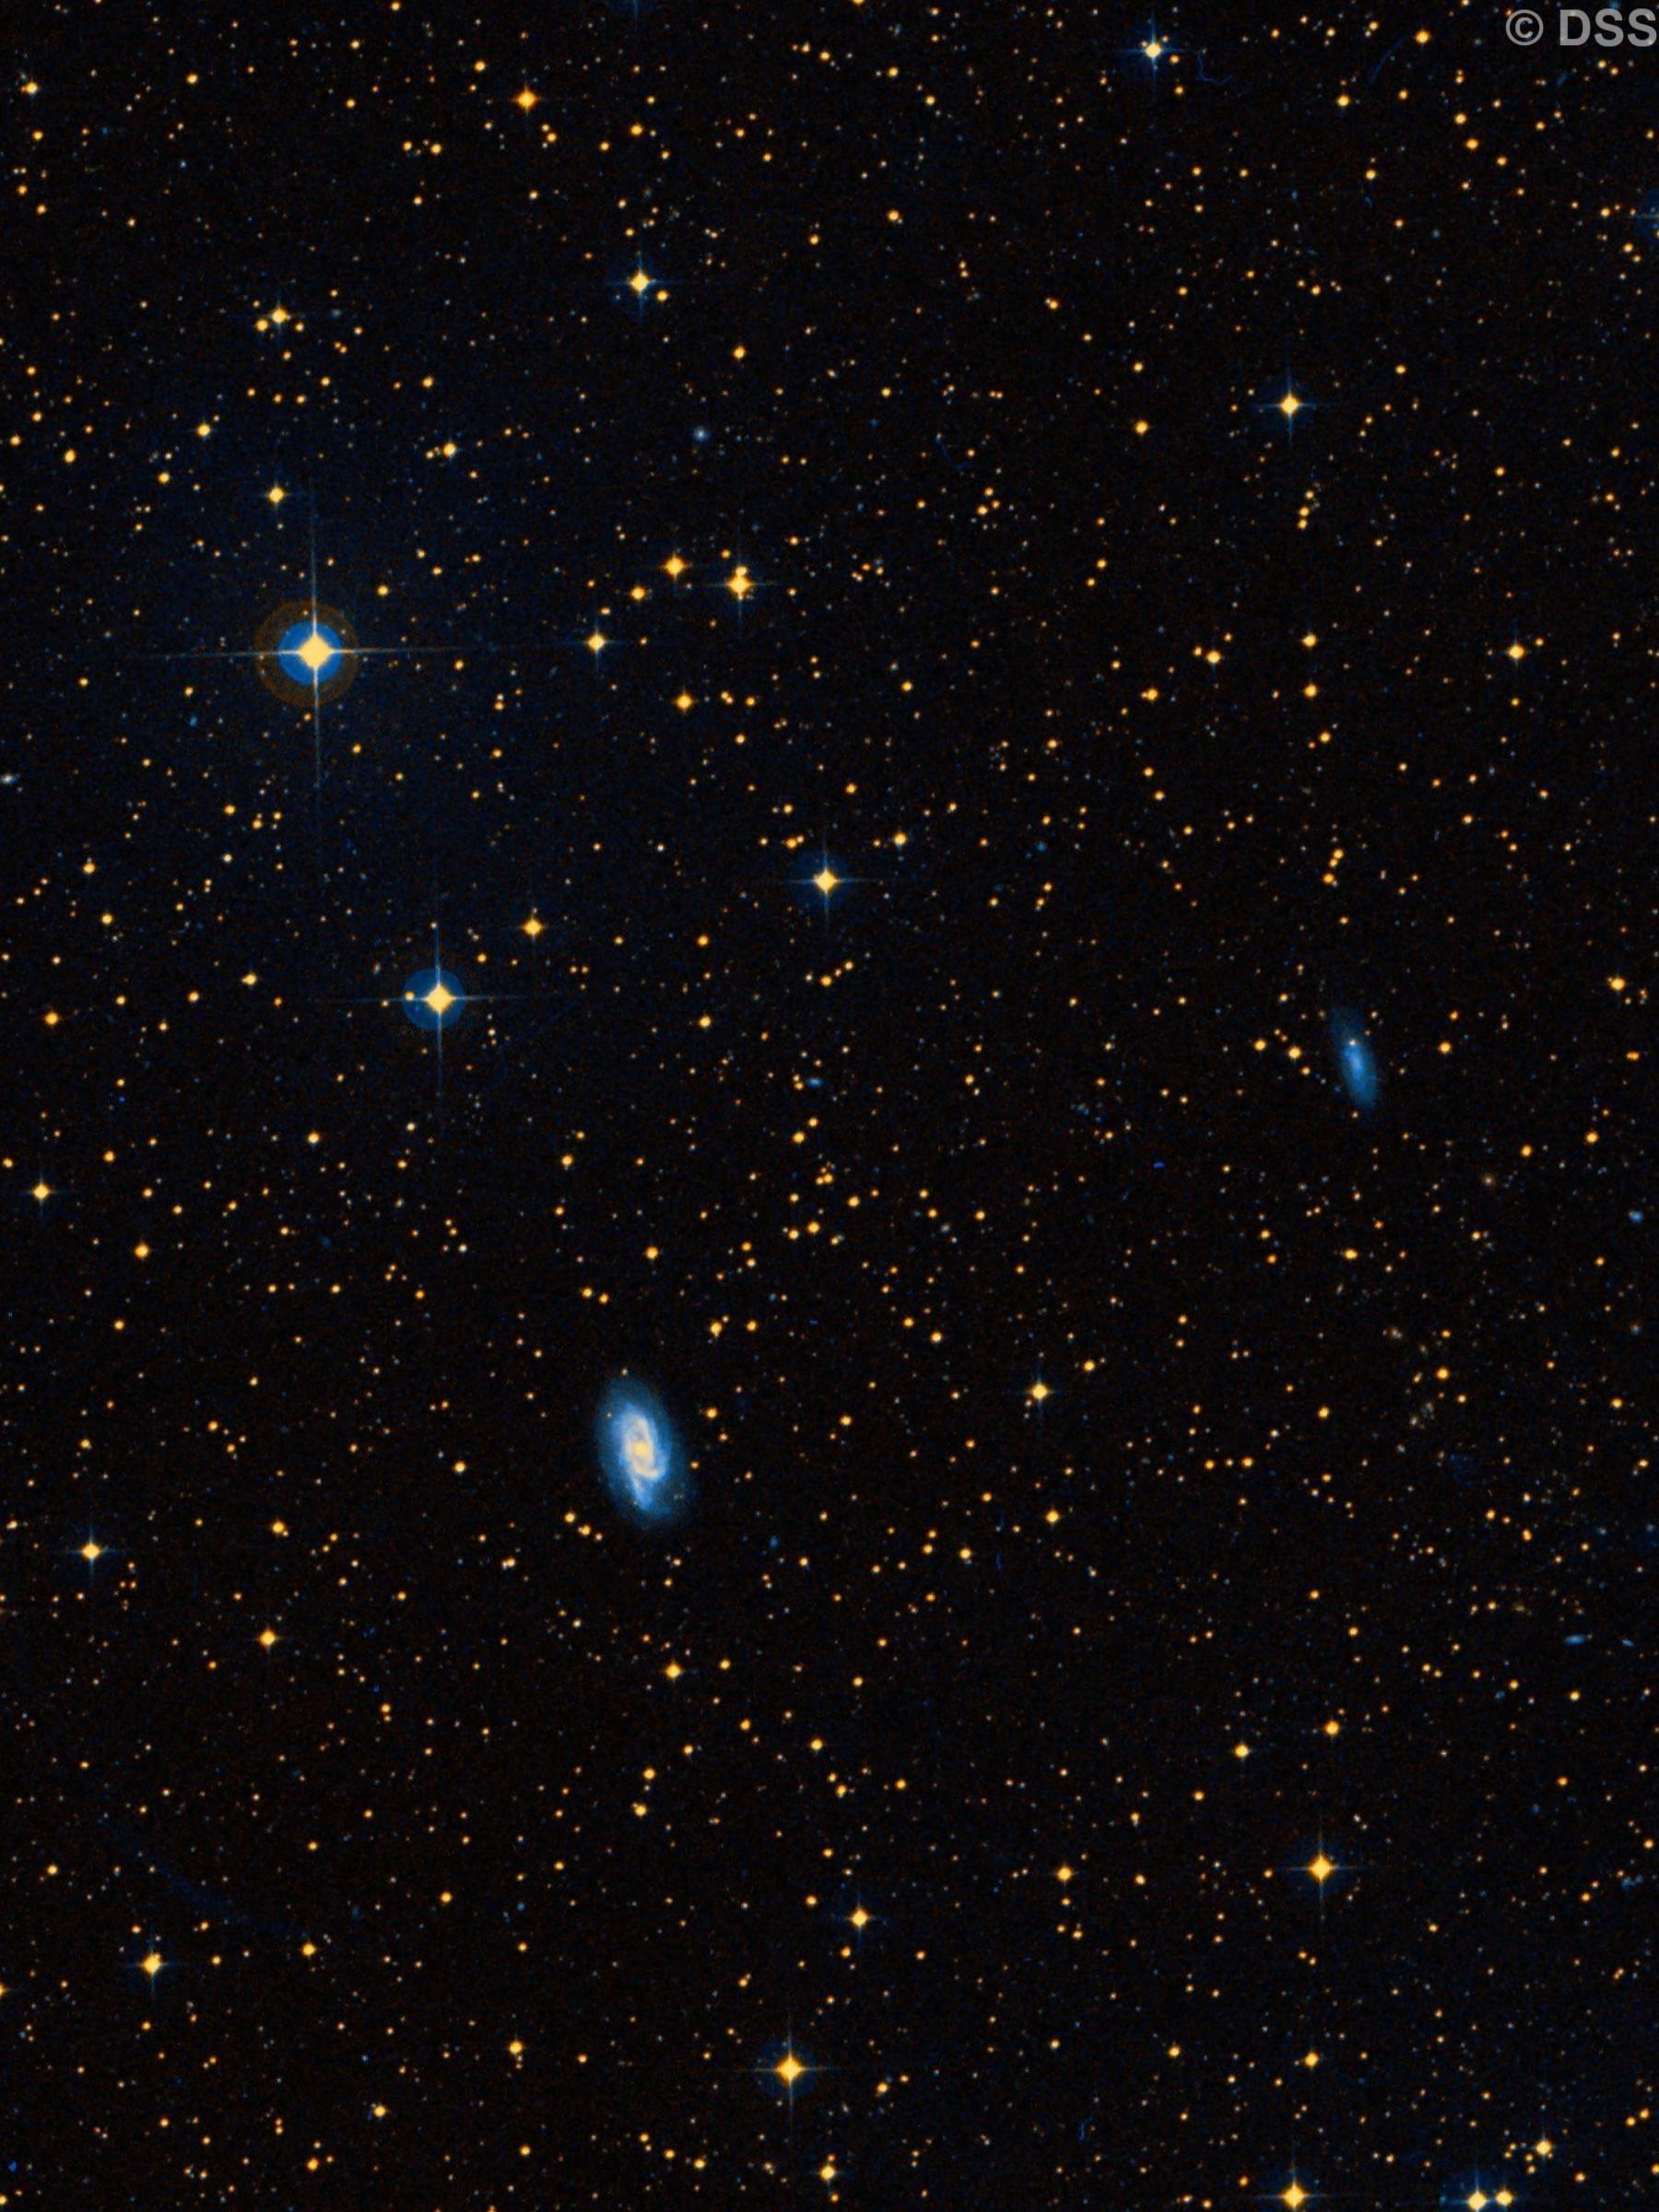 NGC 4947